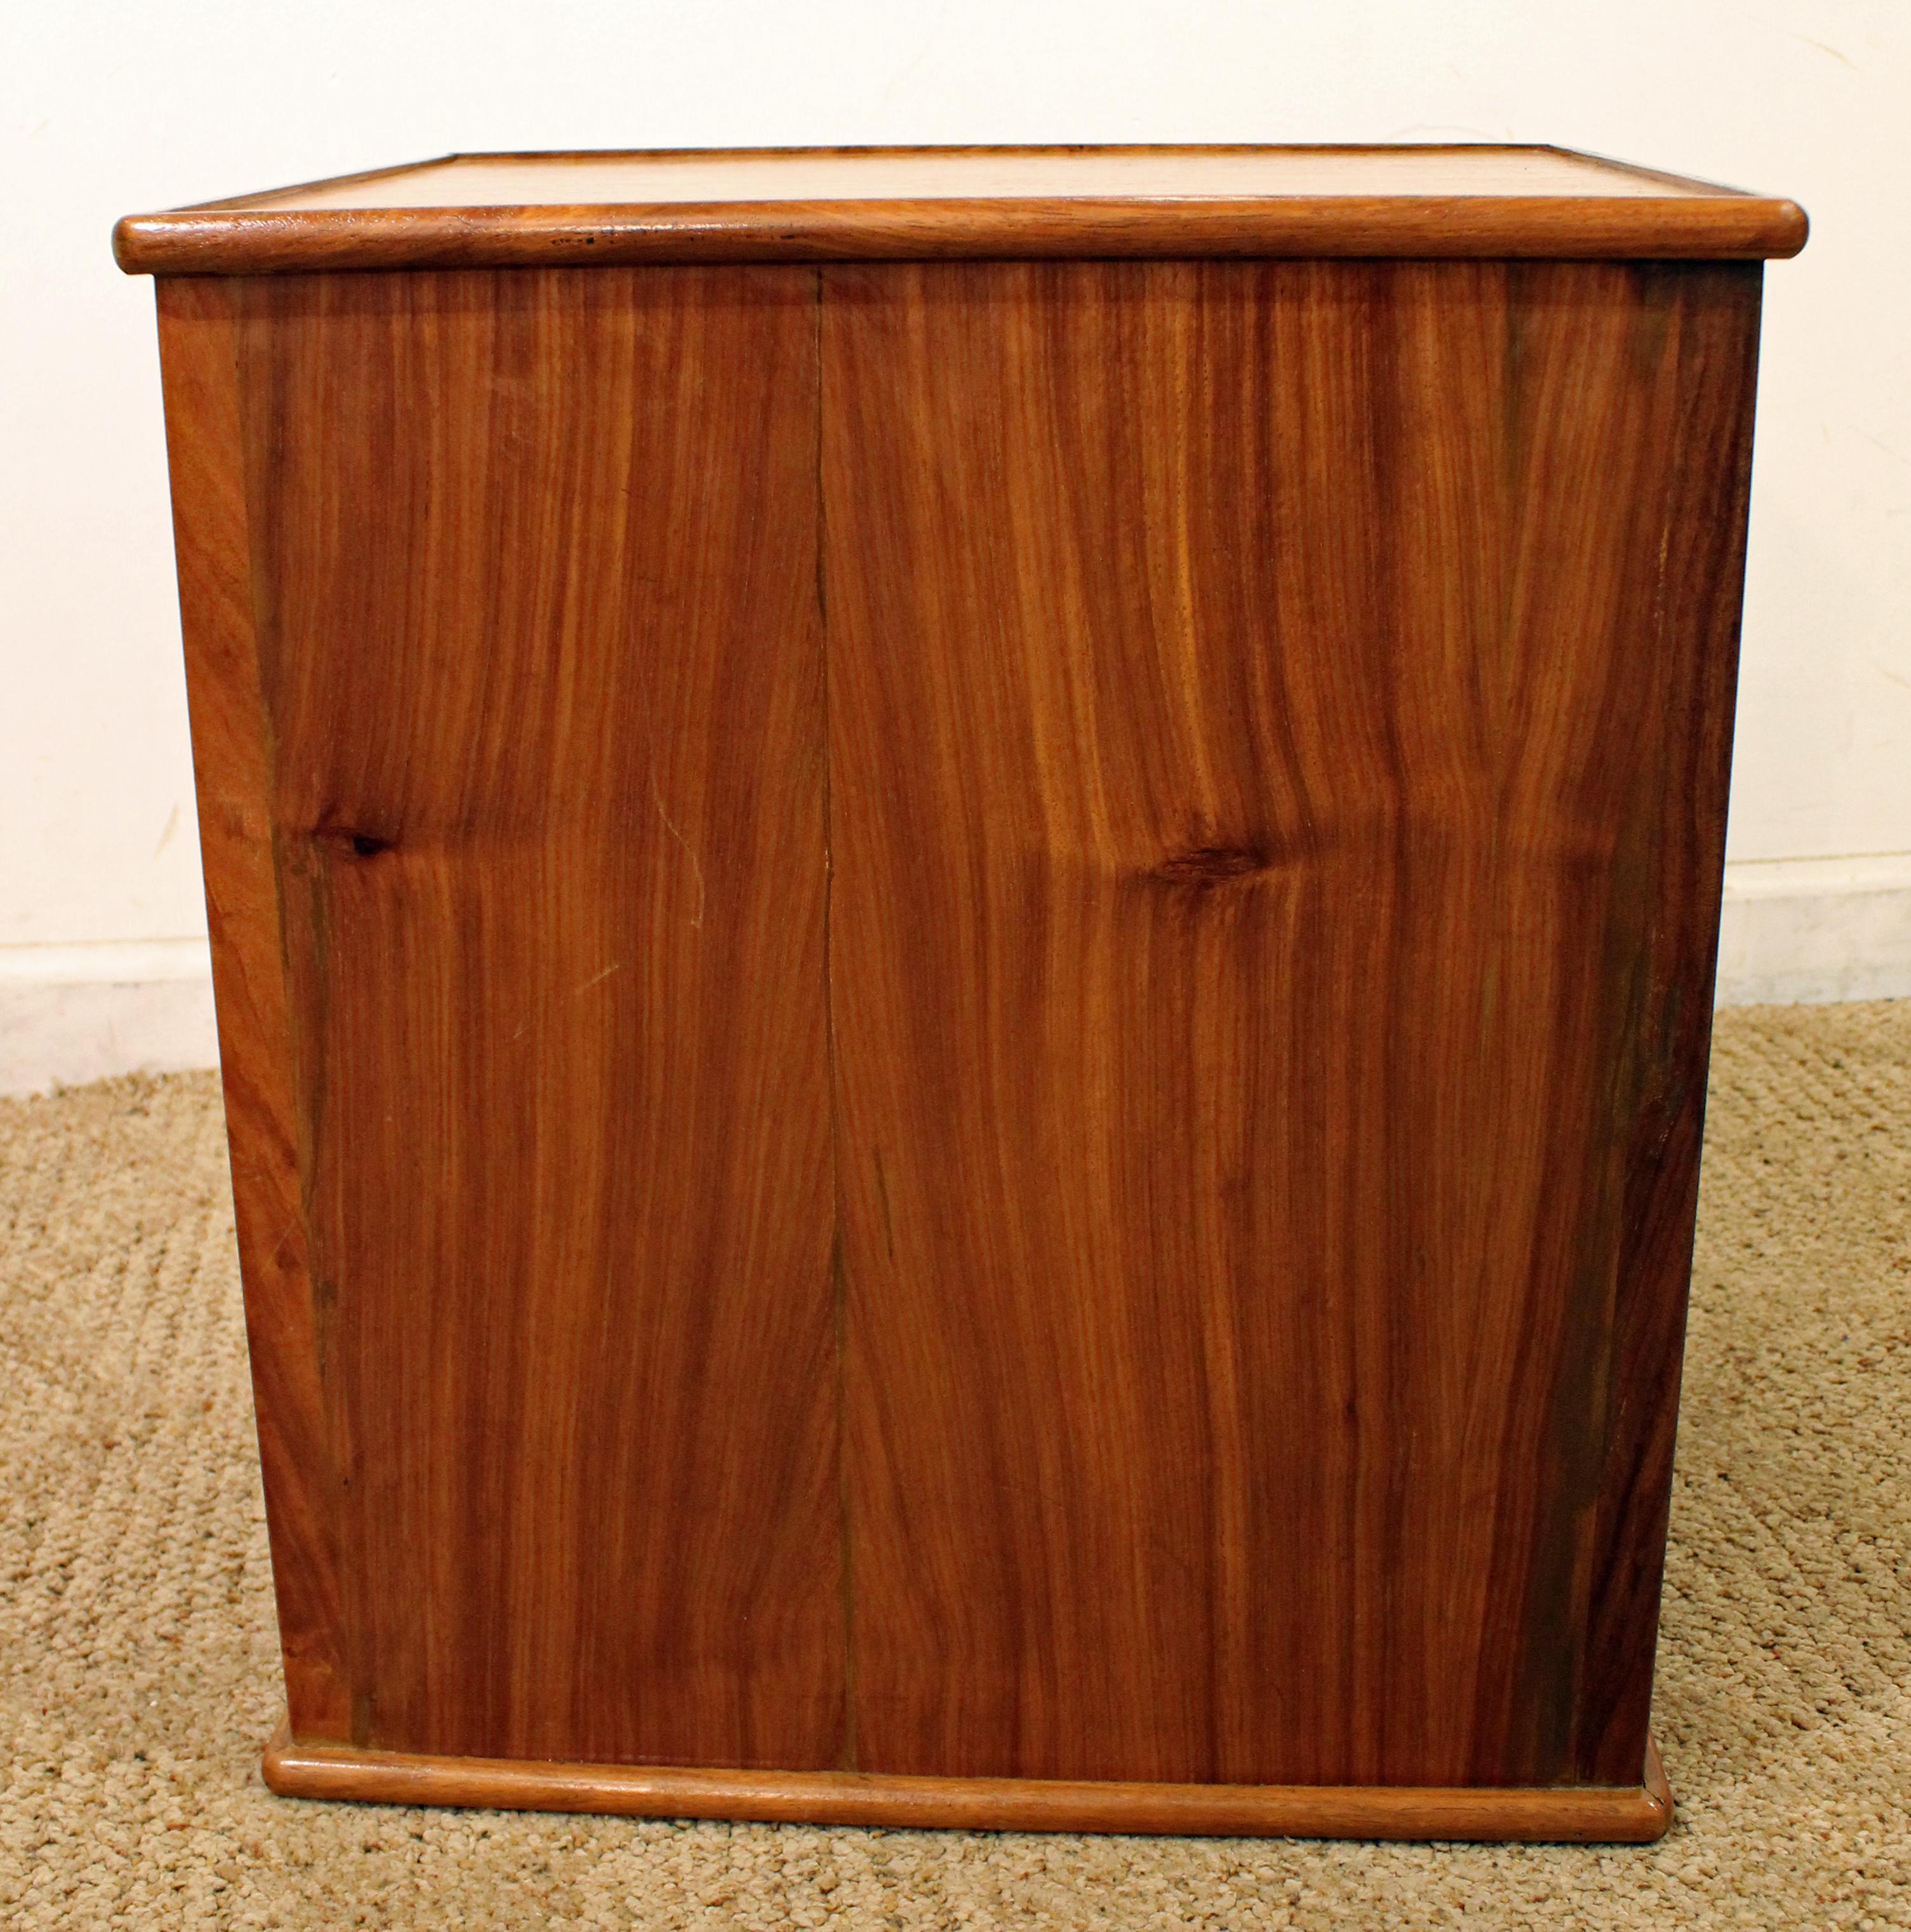 MidCentury Danish Modern Teak Tambour Door Nightstand Dresser